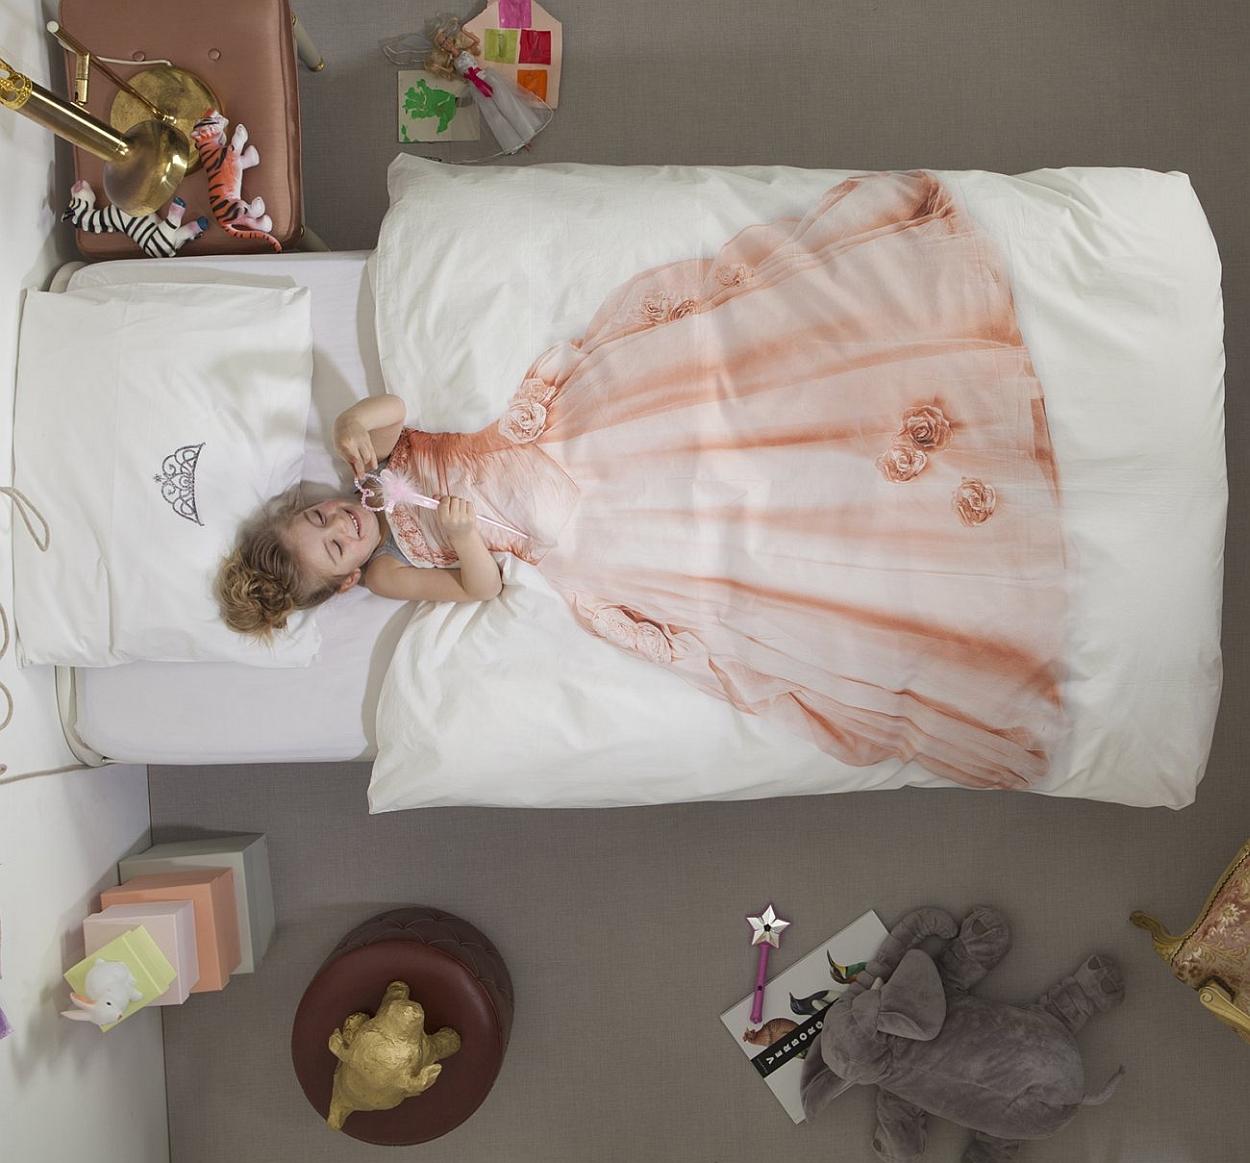 Snurk originele dekbedovertrek voor kinderen - Kamer originele kind ...